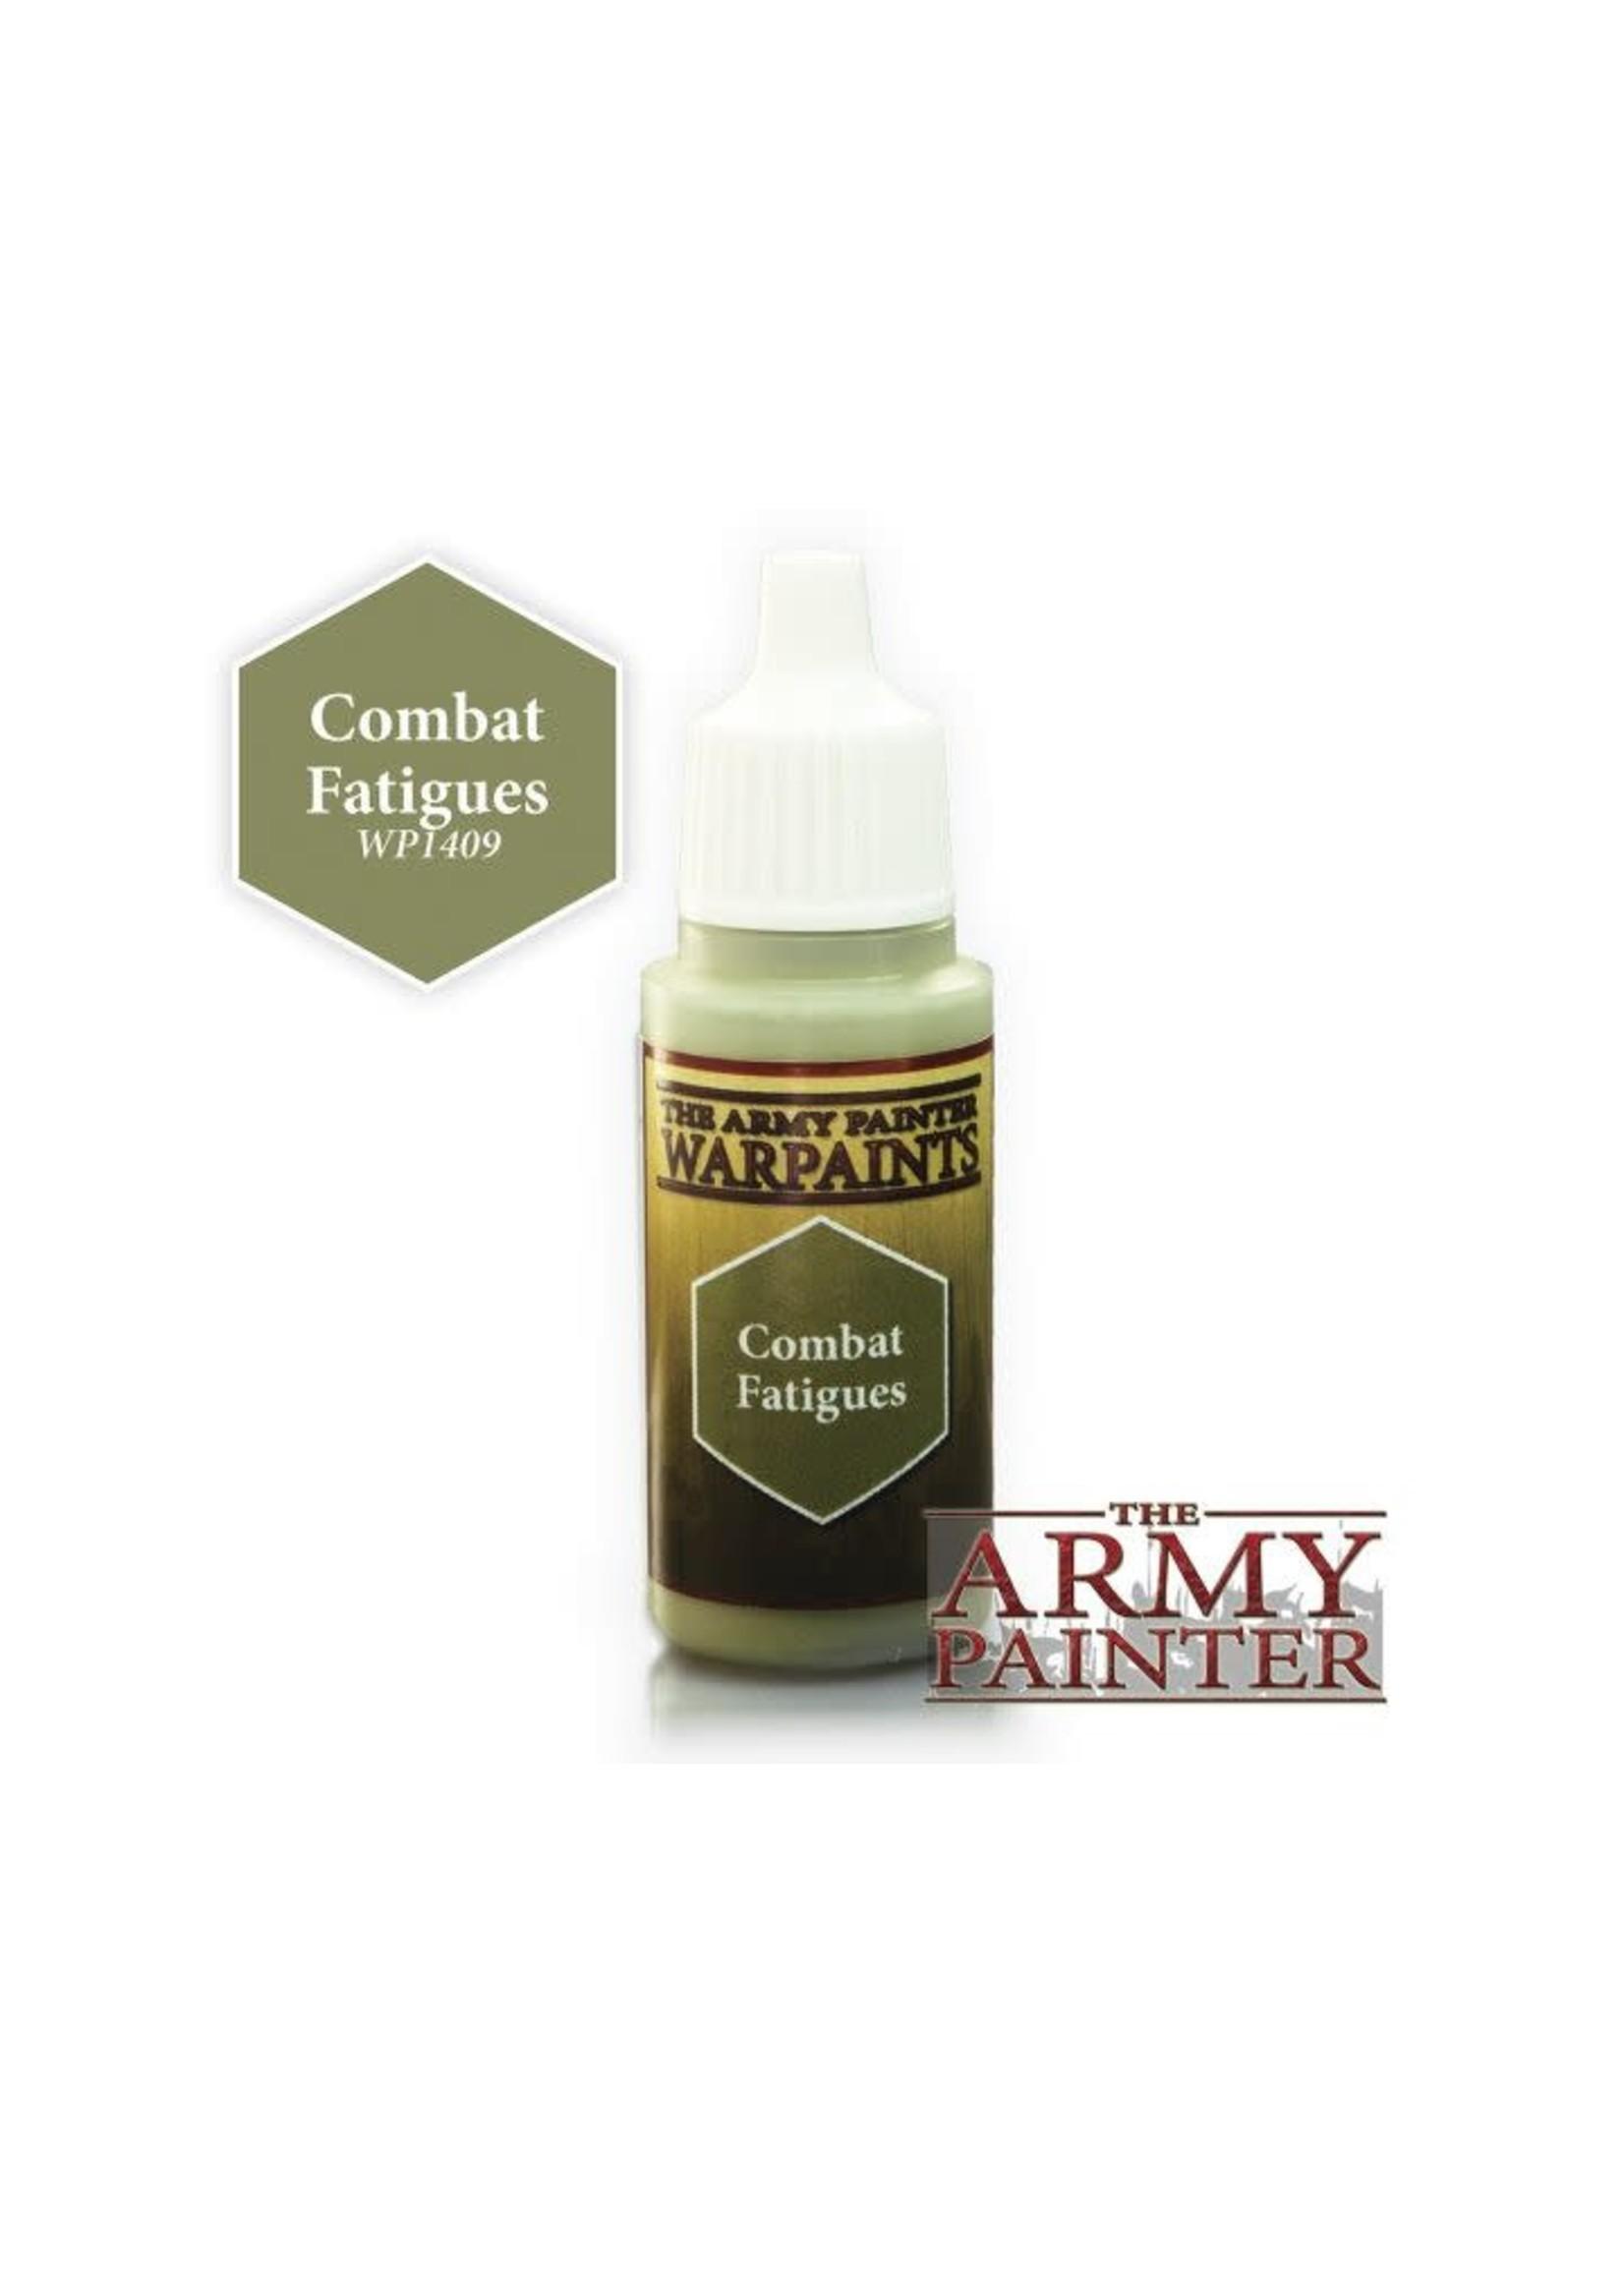 Army Painter Warpaints - Combat Fatigues